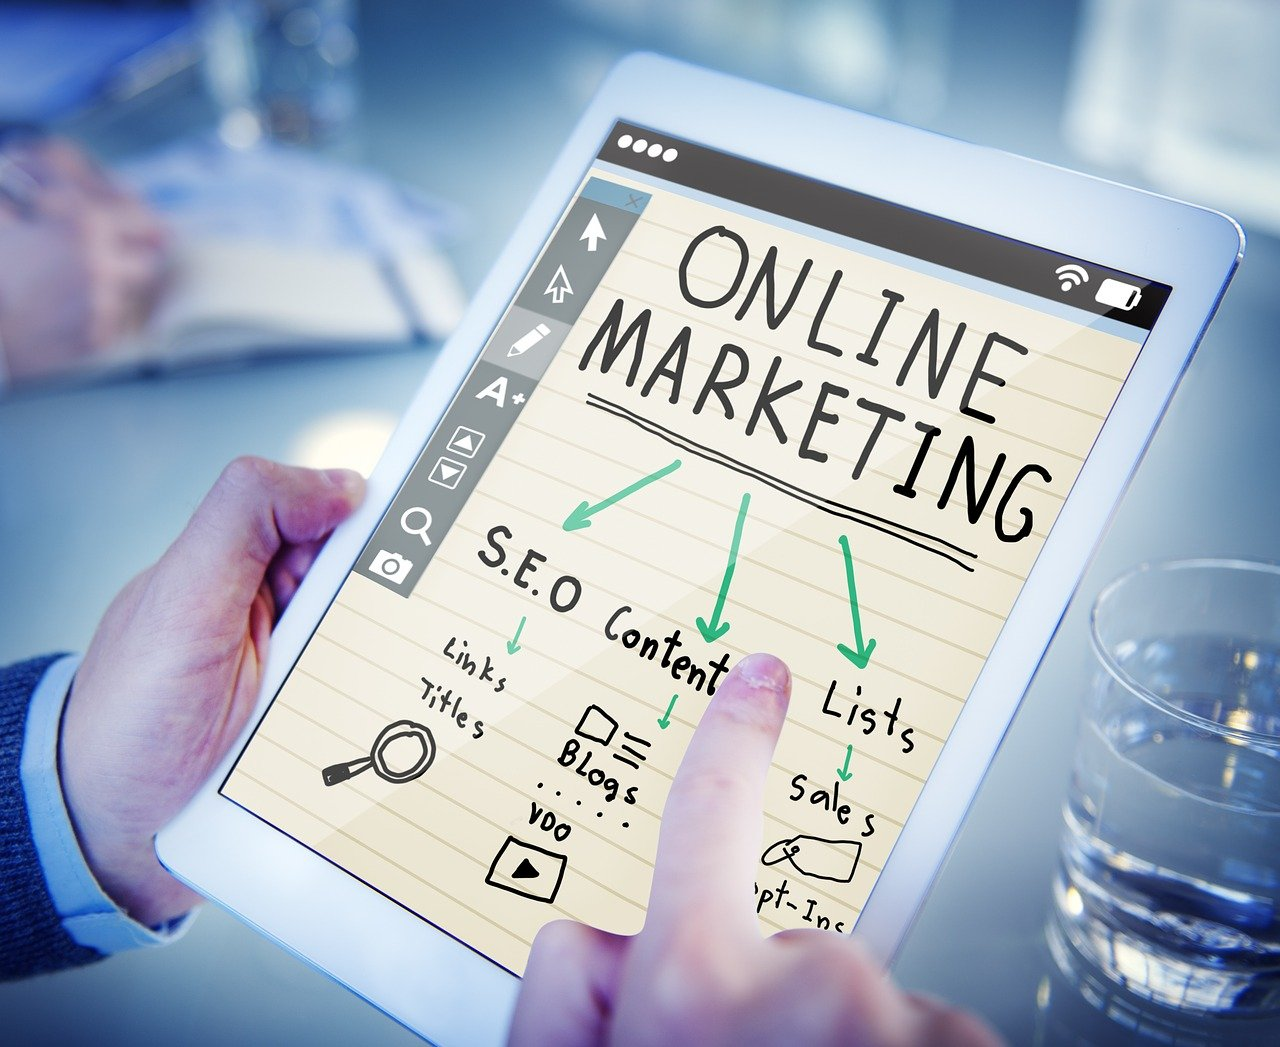 Marketing-Software-im-berblick-Welche-Bereiche-lassen-sich-mit-Programmen-optimieren-